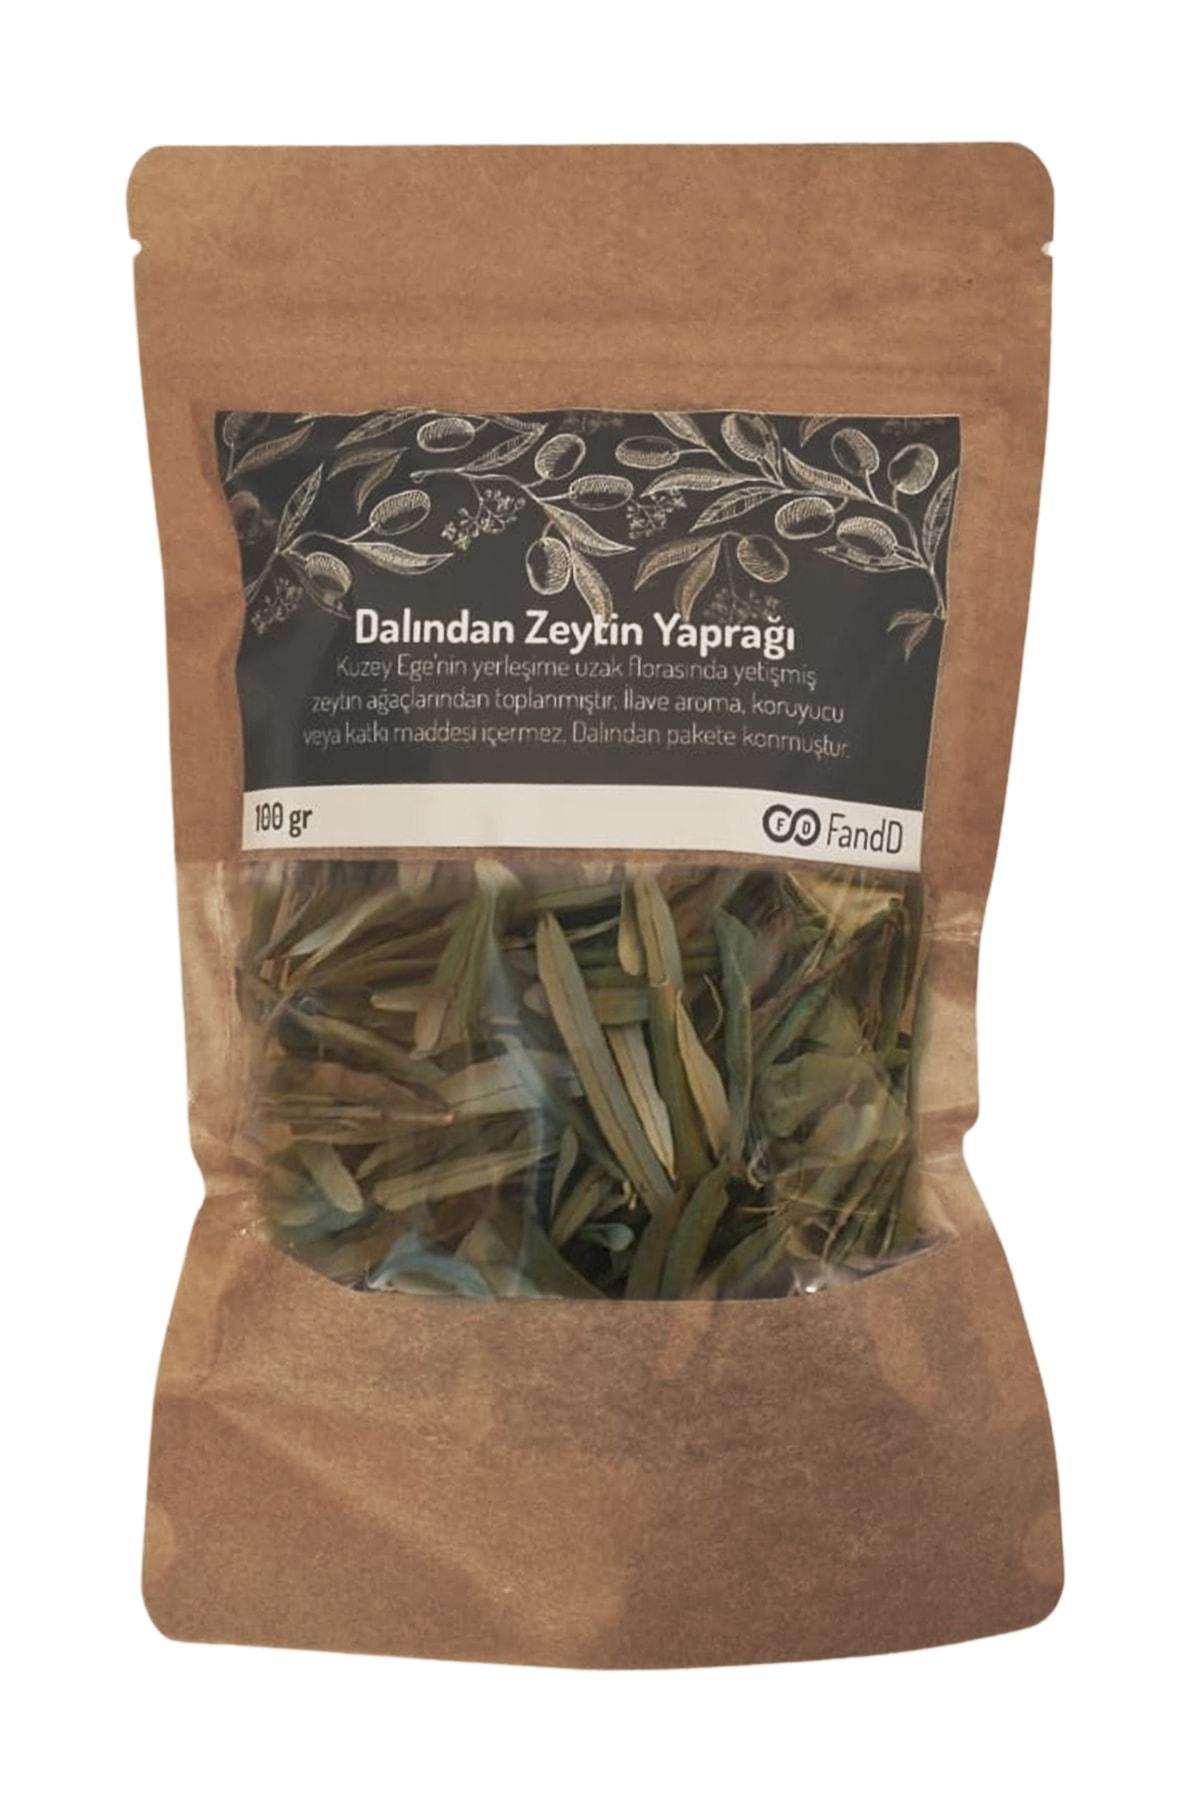 FandD Dalından Zeytin Yaprağı 100gr (çay Olarak Kullanılabilir) 1